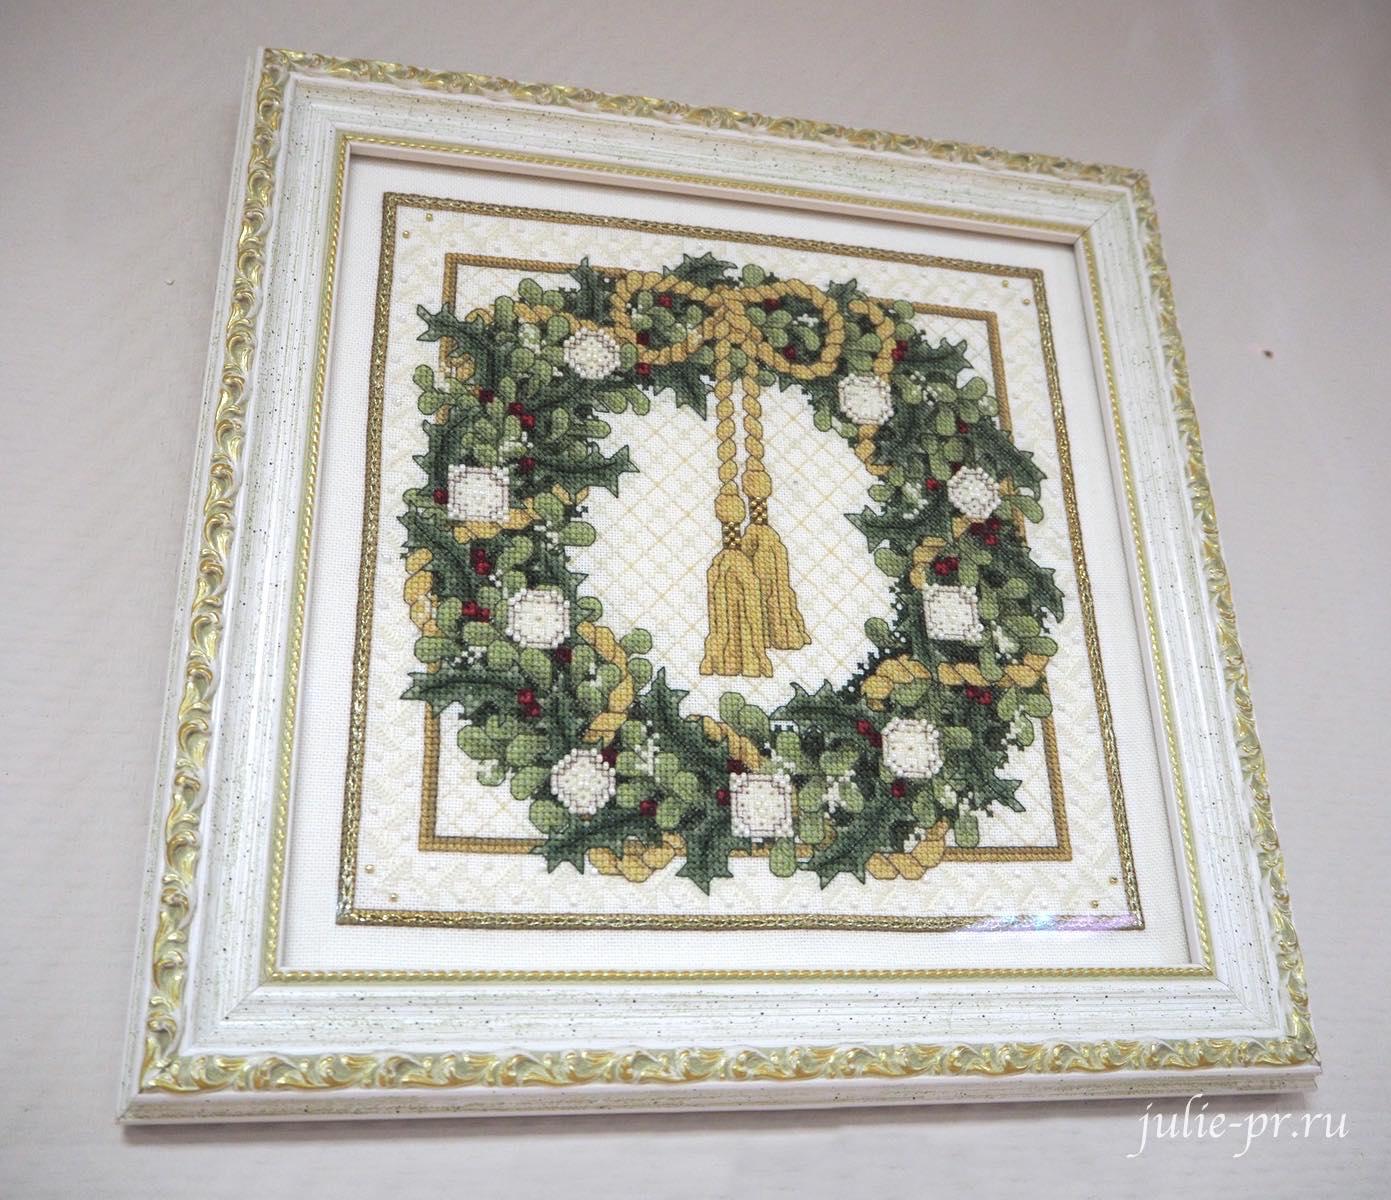 Тереза Венцлер, вышивка крестом, Teresa Wentzler - Christmas Wreath, Рождественский венок